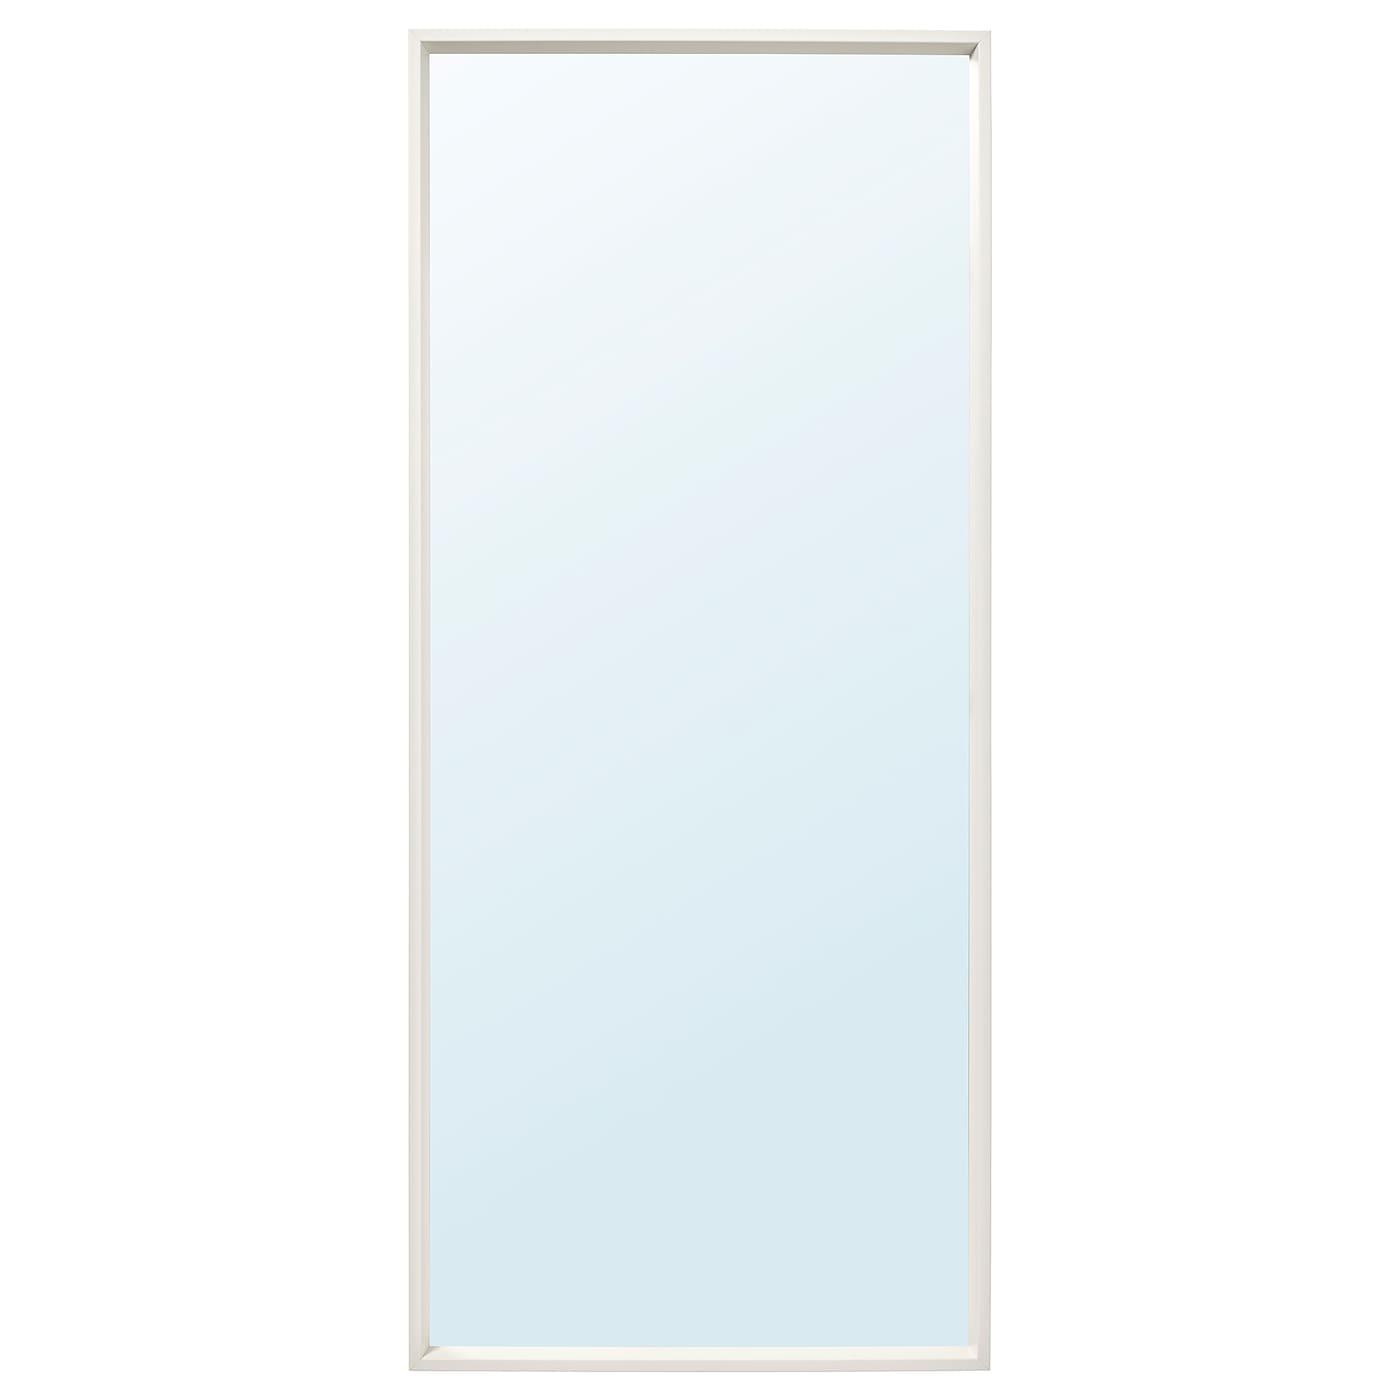 65x65cm Miroir Mural Miroir de salle Ikea Nissedal miroir en noir;